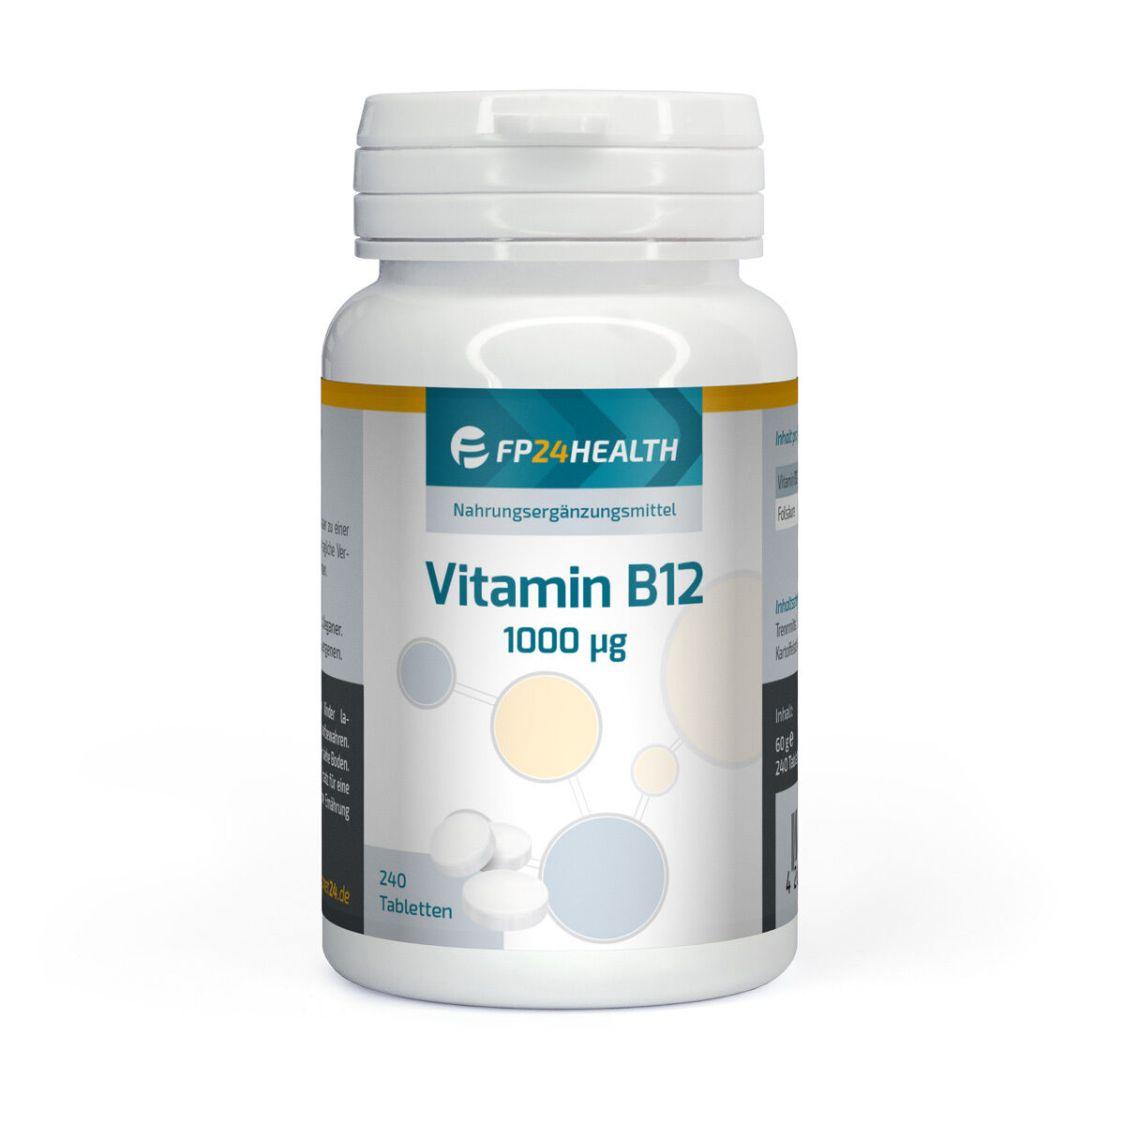 FP24 Health Vitamin B12 - 1000µg - Methylcobalamin 240 Tabletten - mit Folsäure